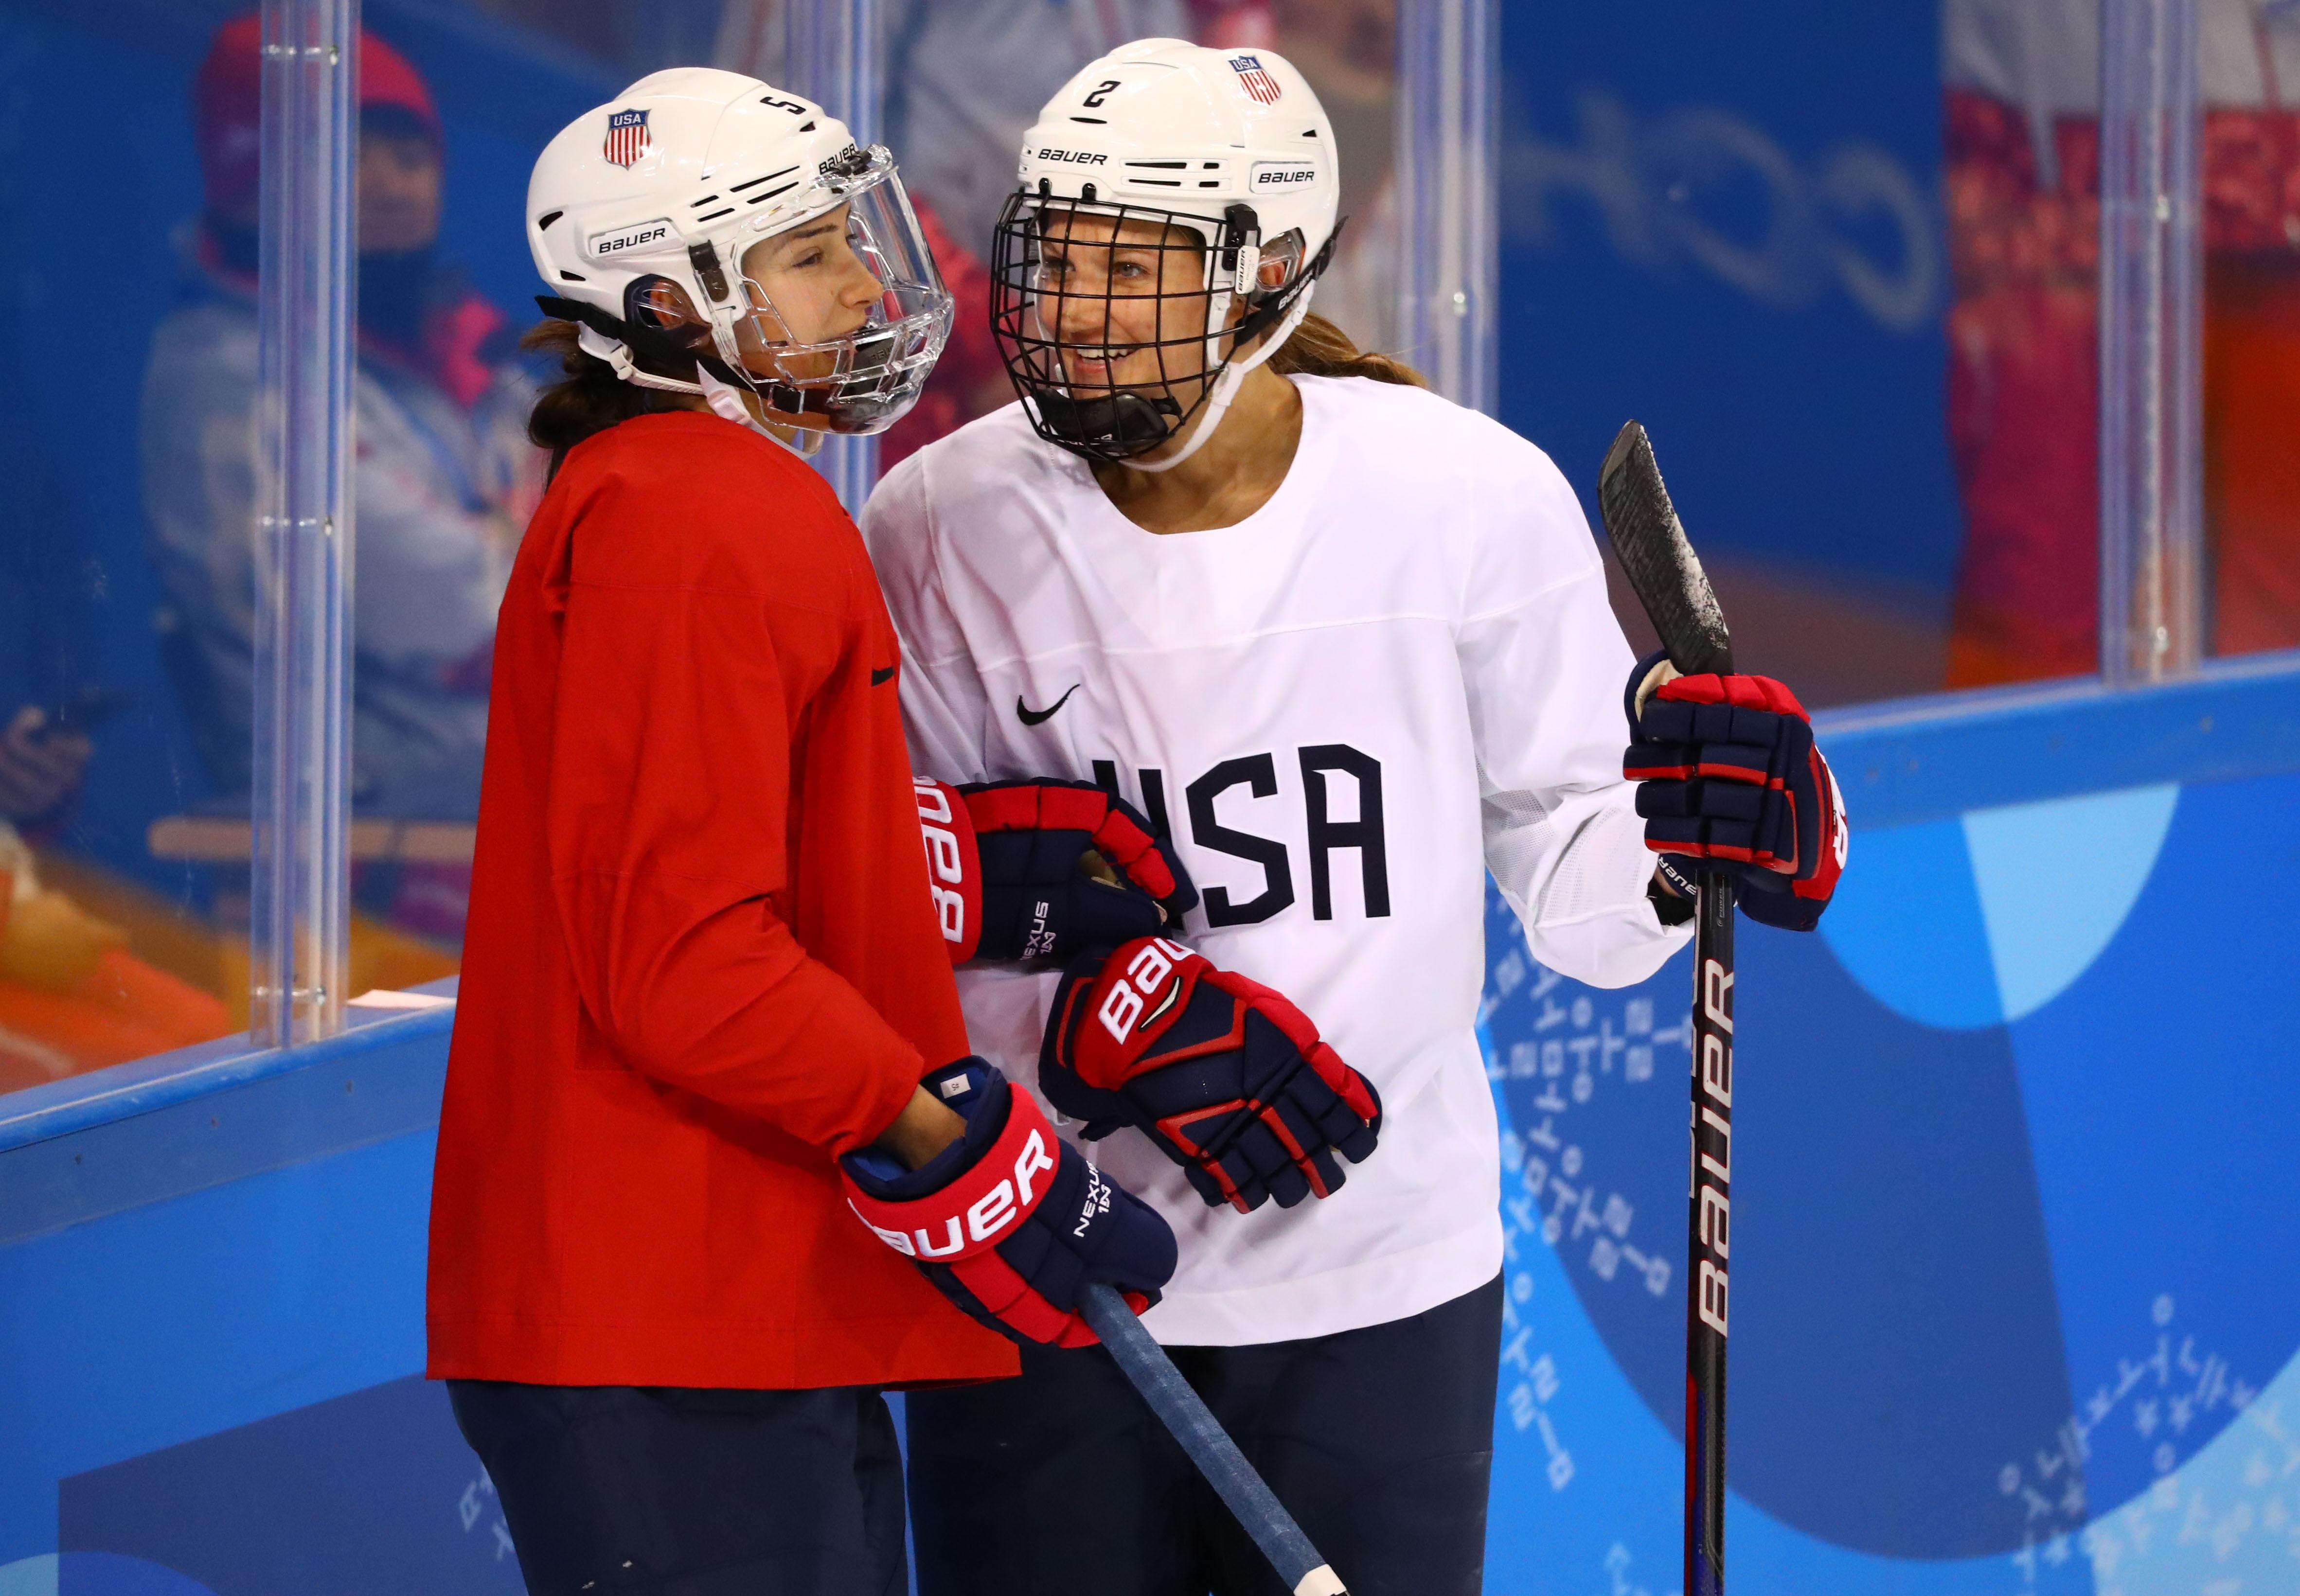 Olympics: Women's Ice Hockey Training